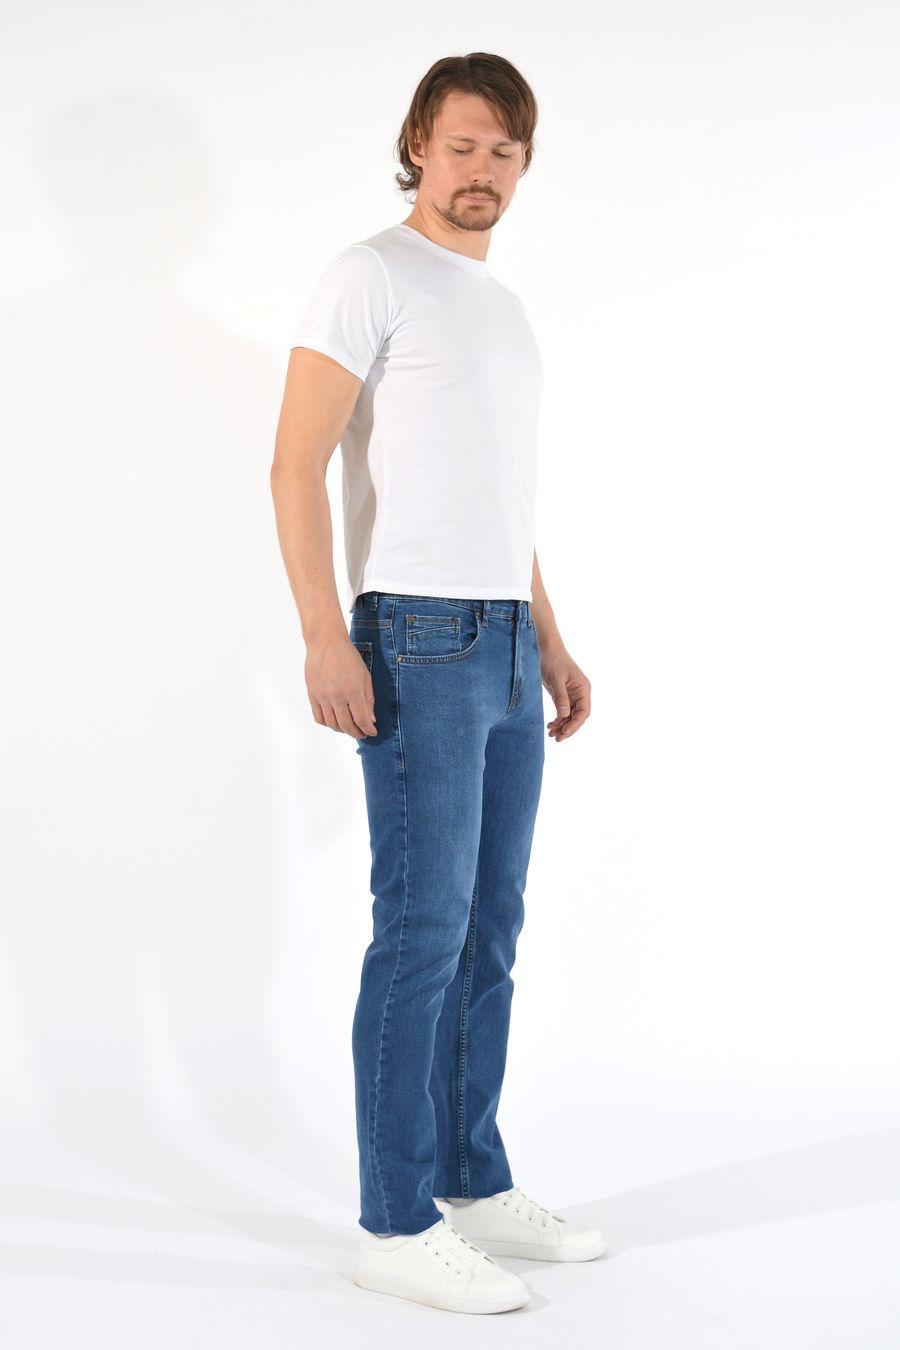 Джинсы мужские MAC Person 2917-12288 Mavi L34 - фото 3